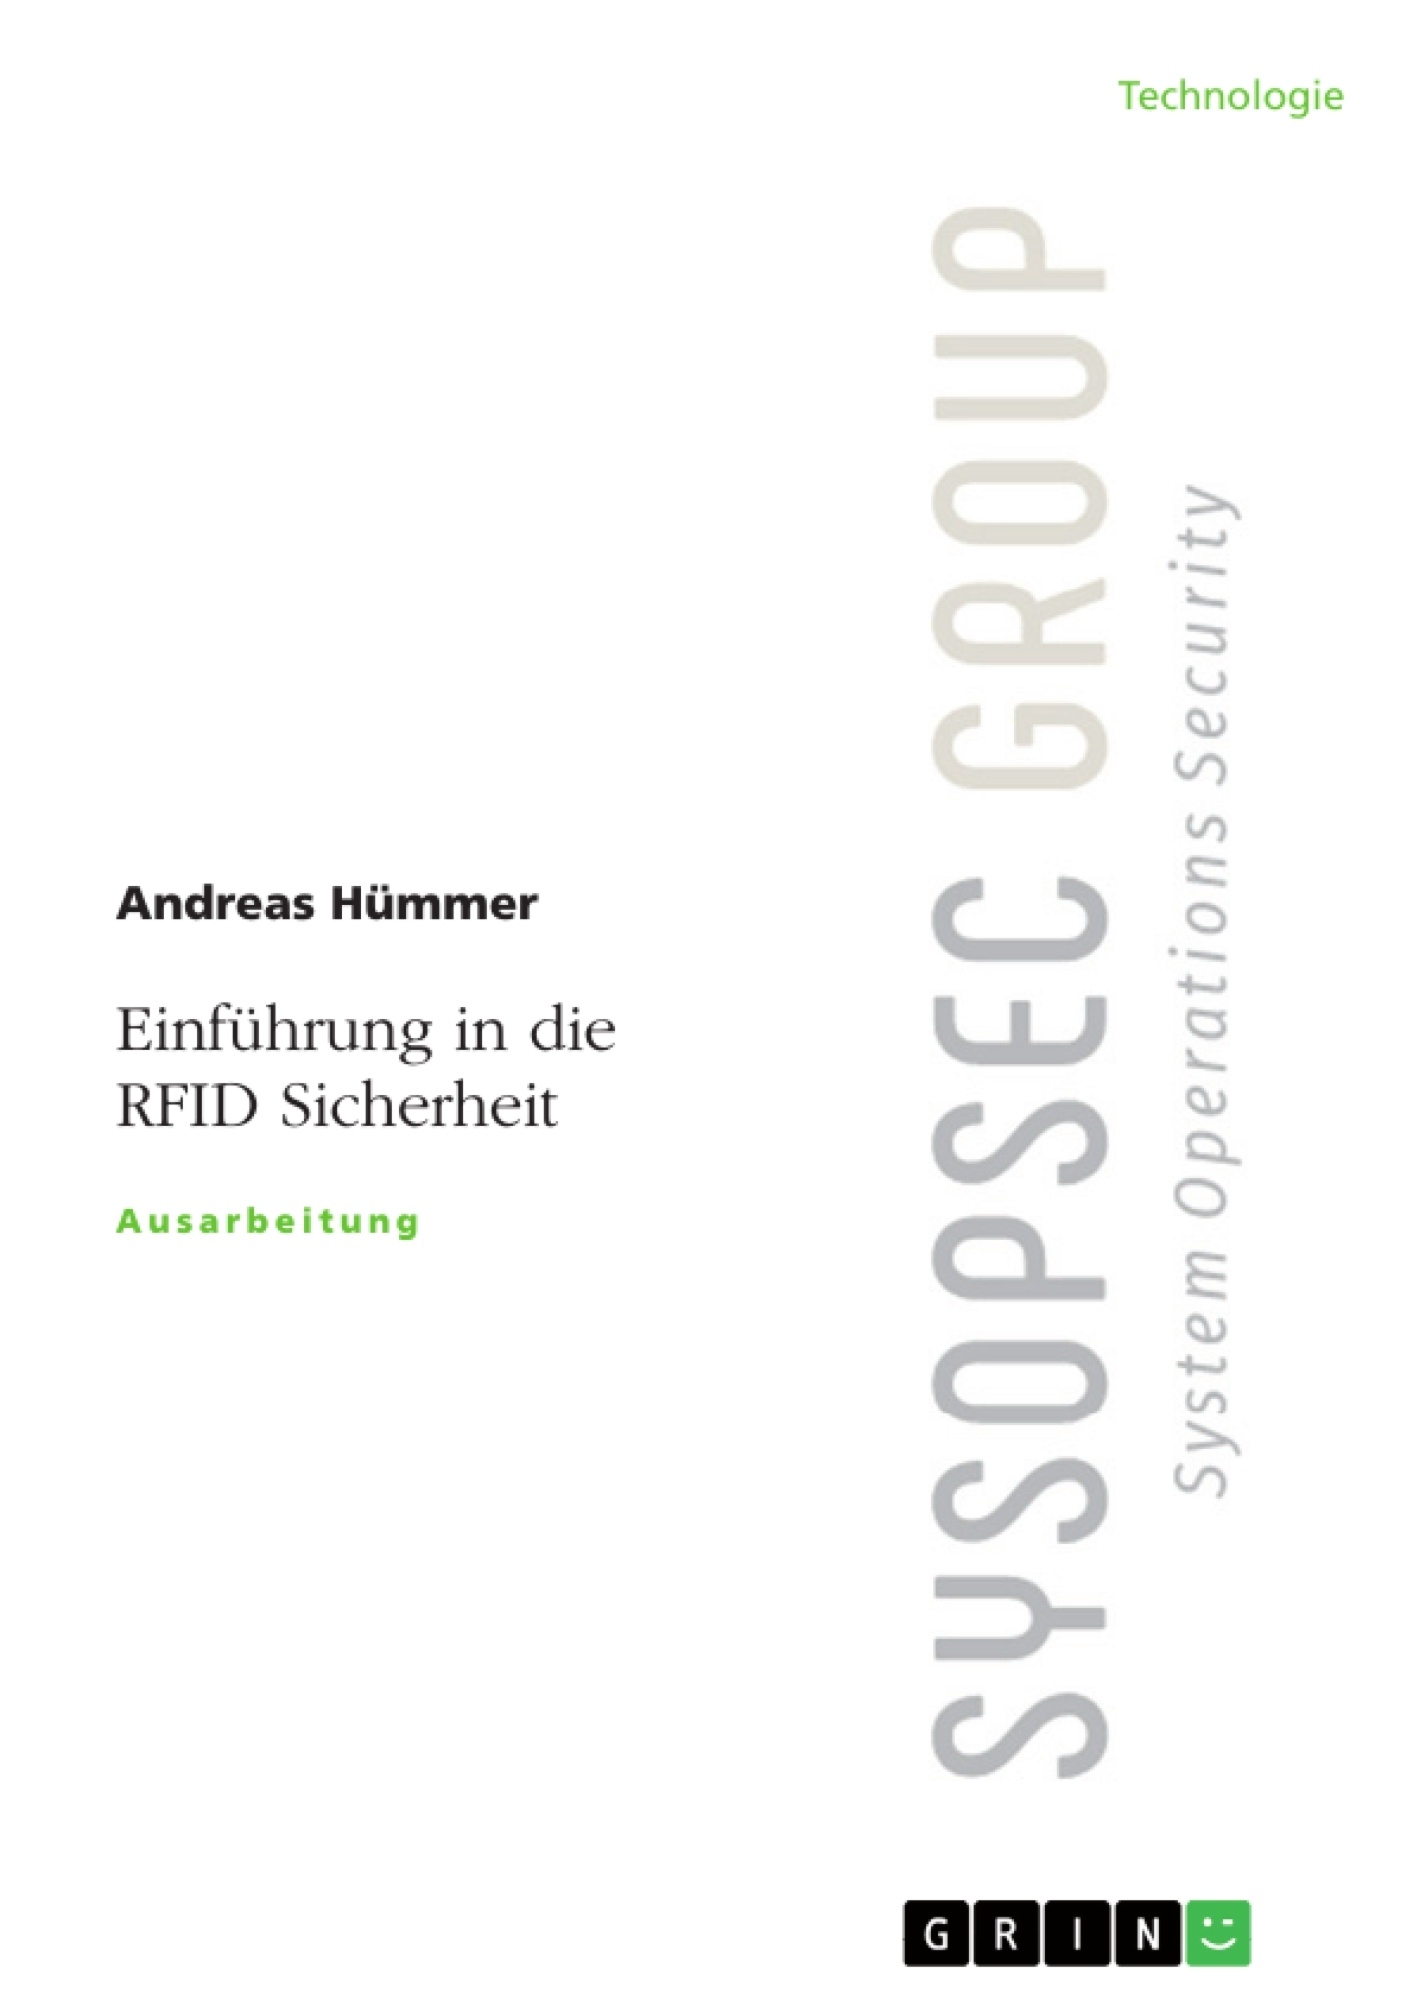 Titel: Einführung in die RFID Sicherheit